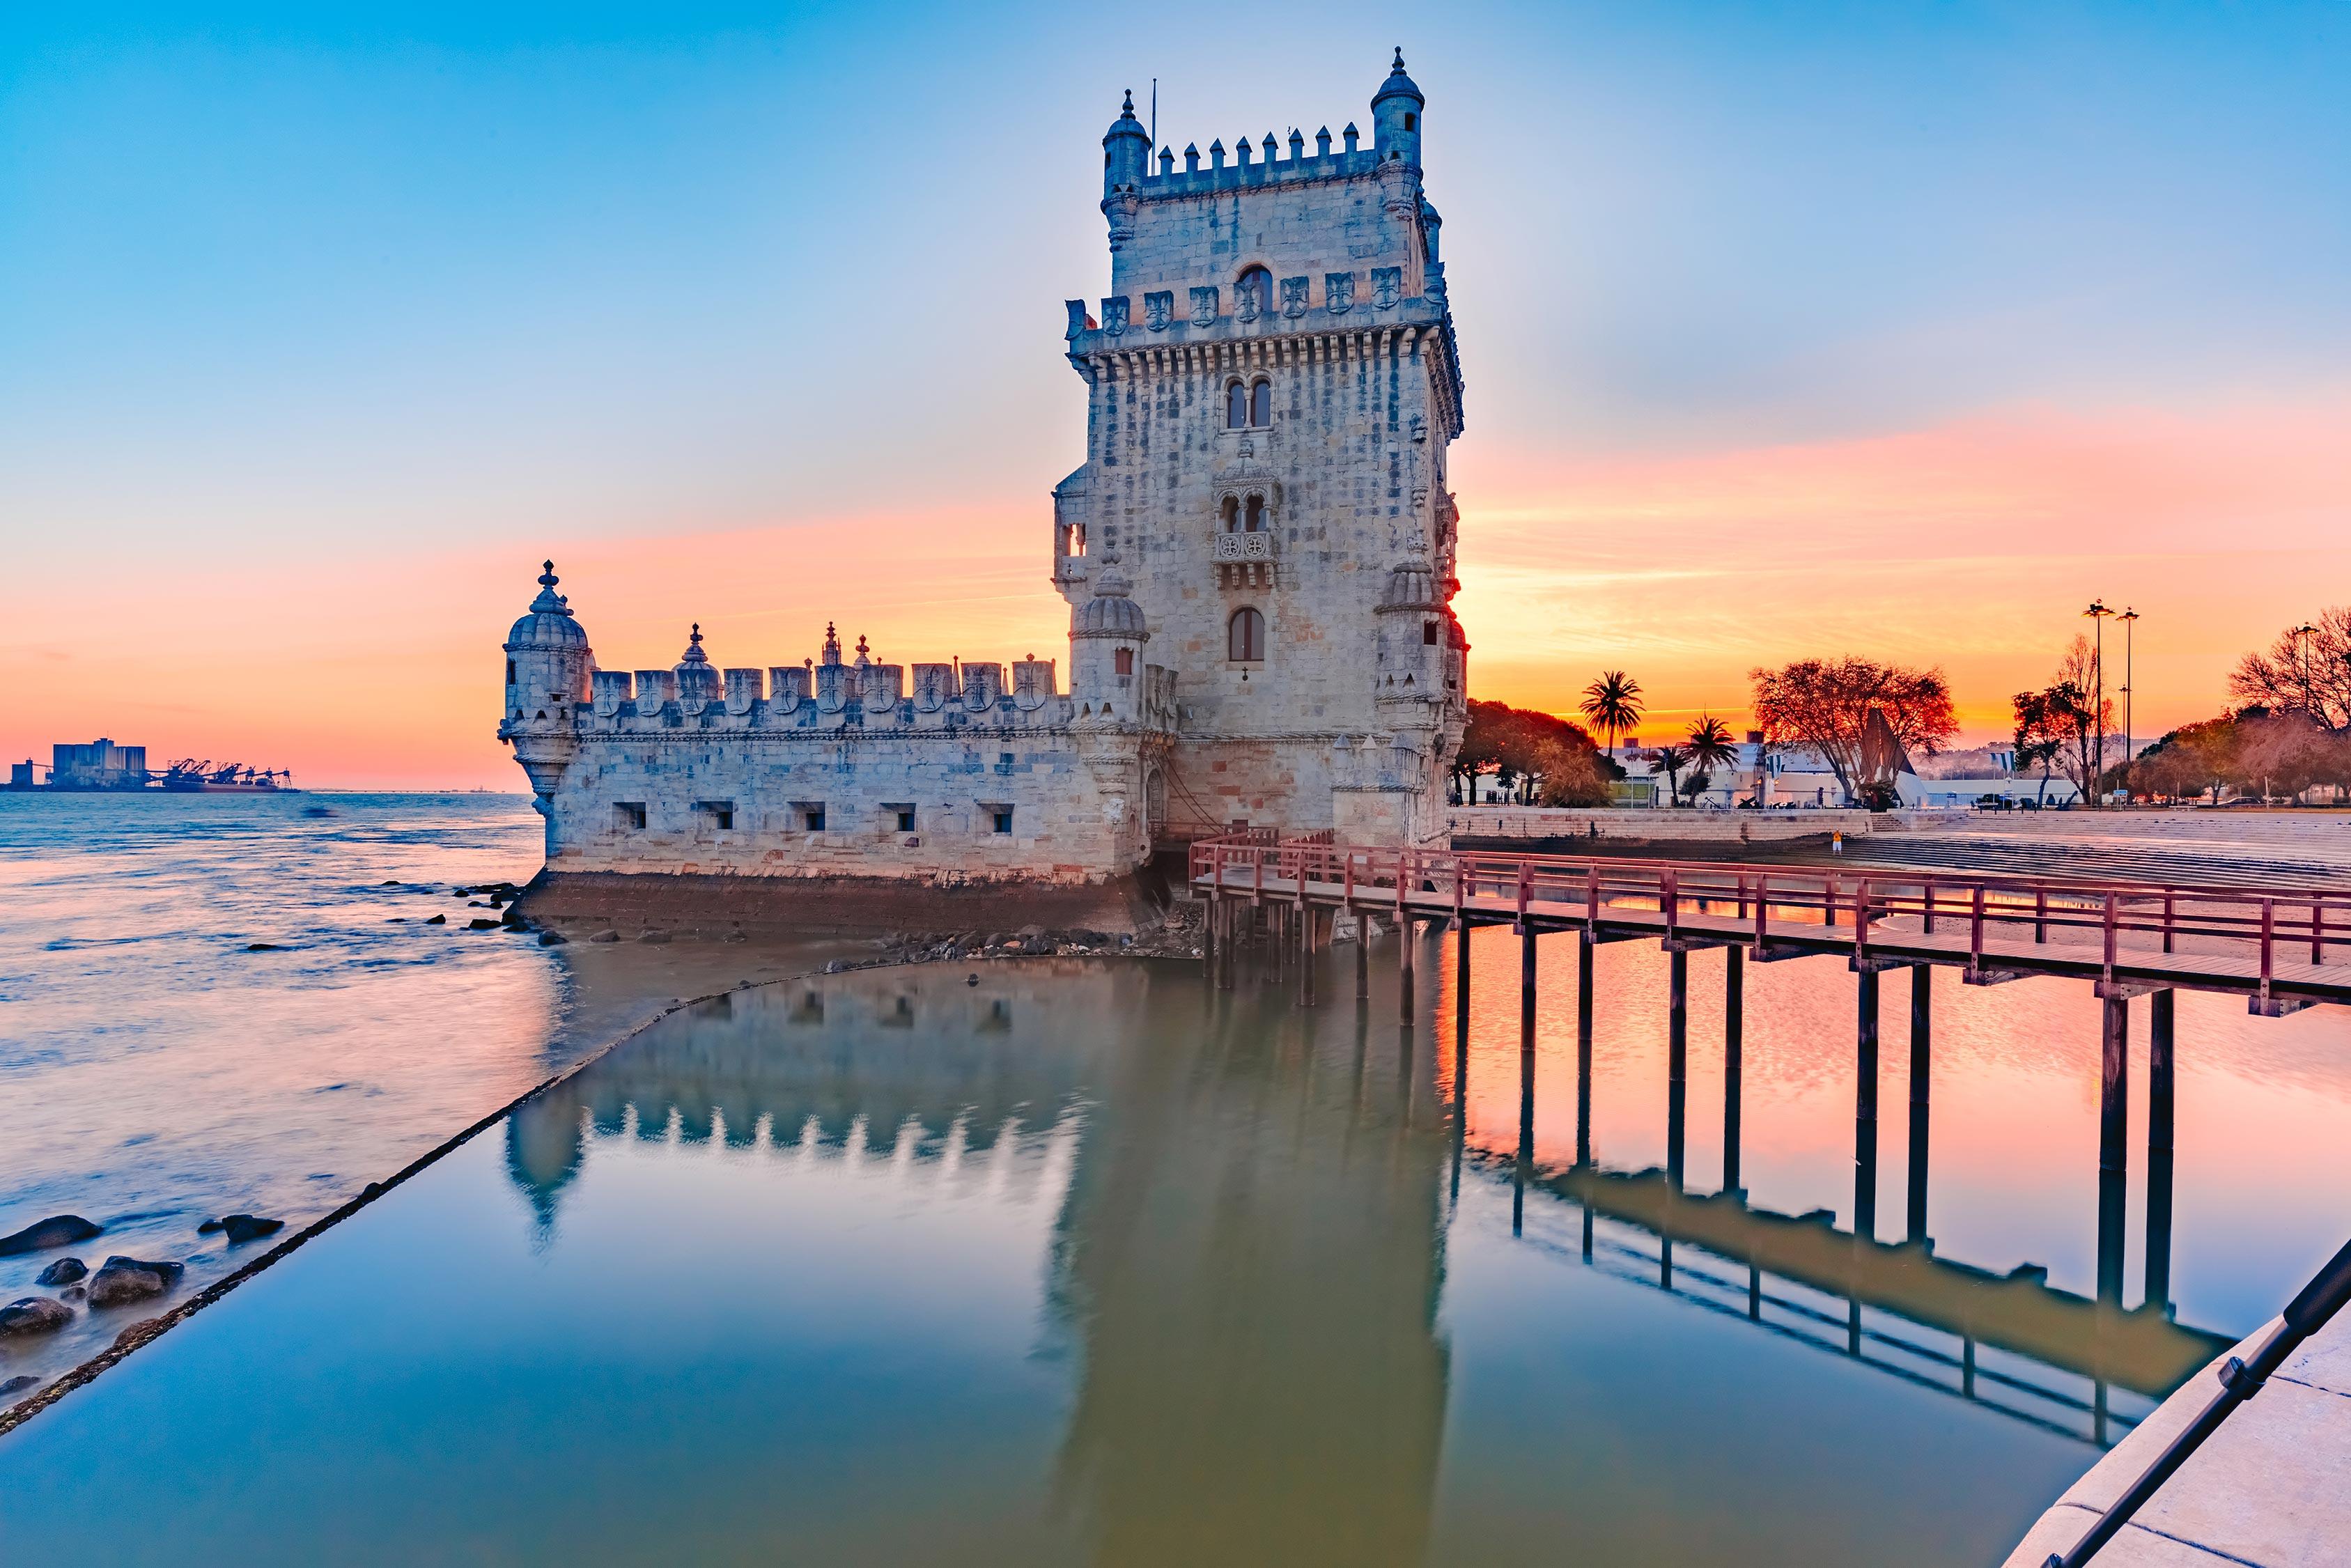 Faites un bond dans le passé en visitant la tour de Belém